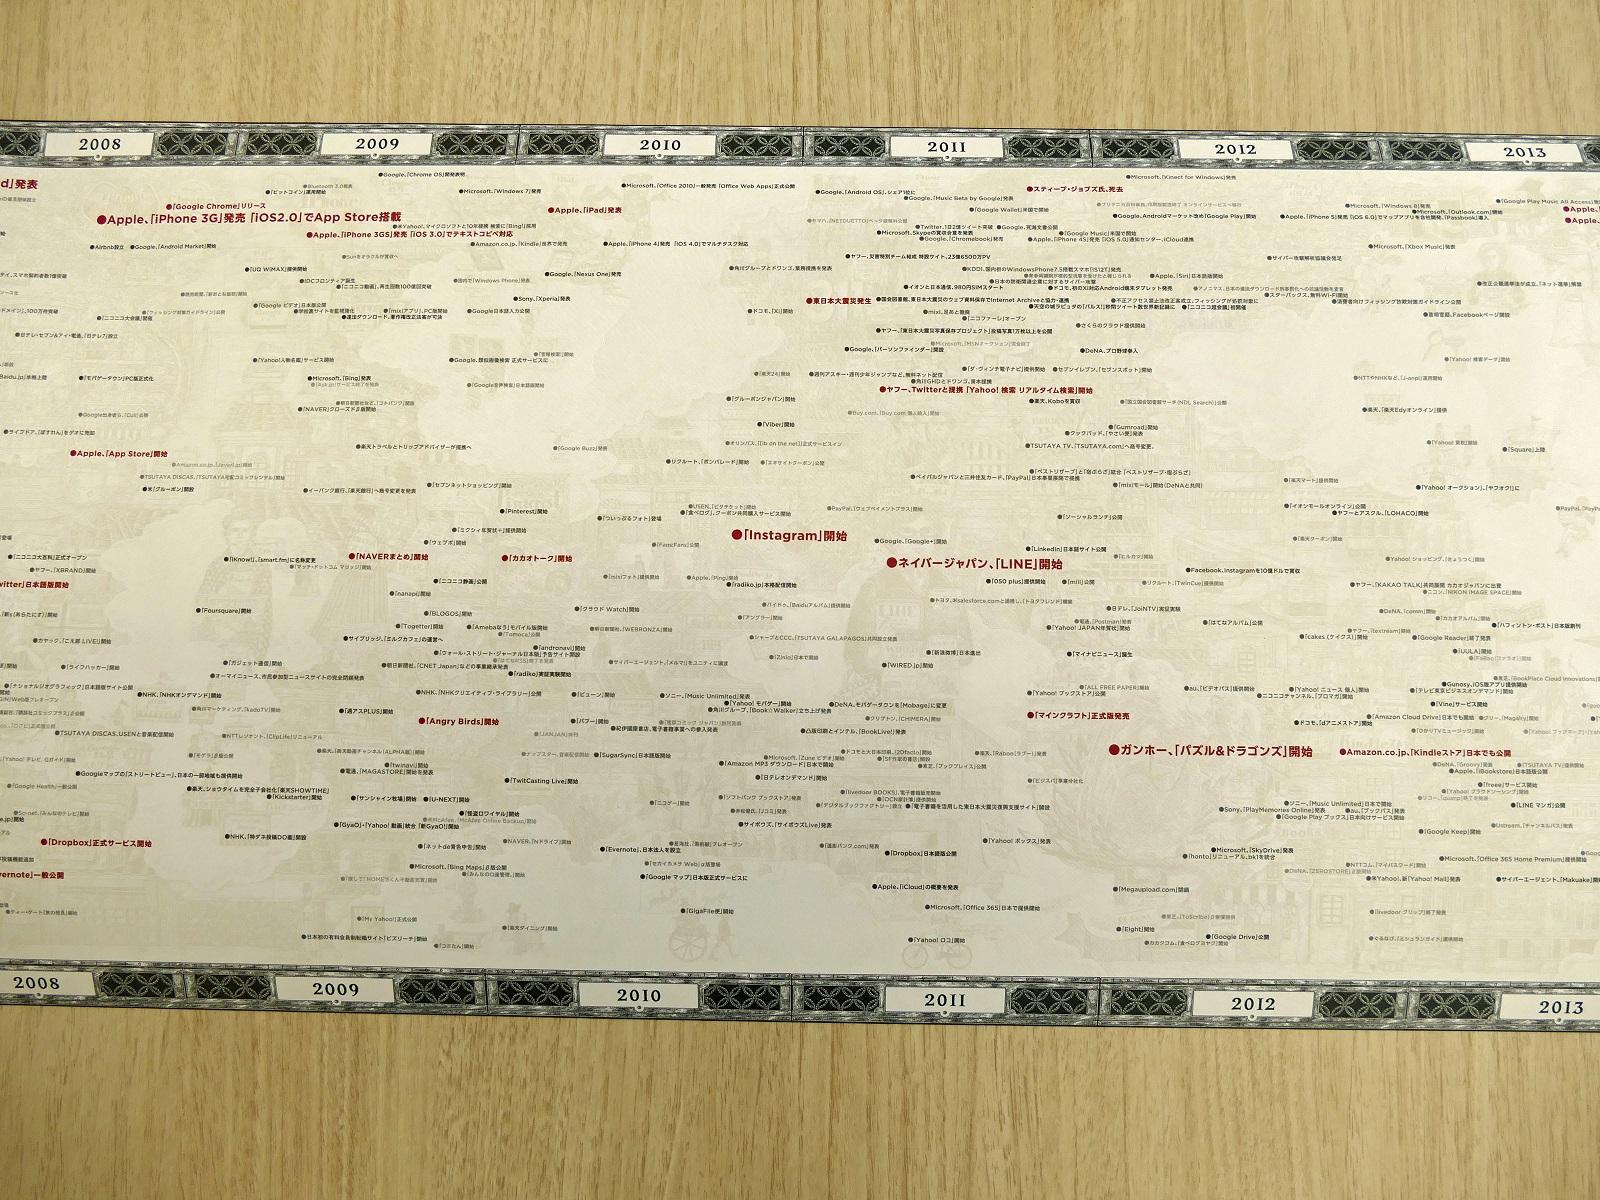 絵巻物の表はインターネットで公開されているイラストをそのまま掲載。裏は項目ごとに異なる大きさの文字を配置している